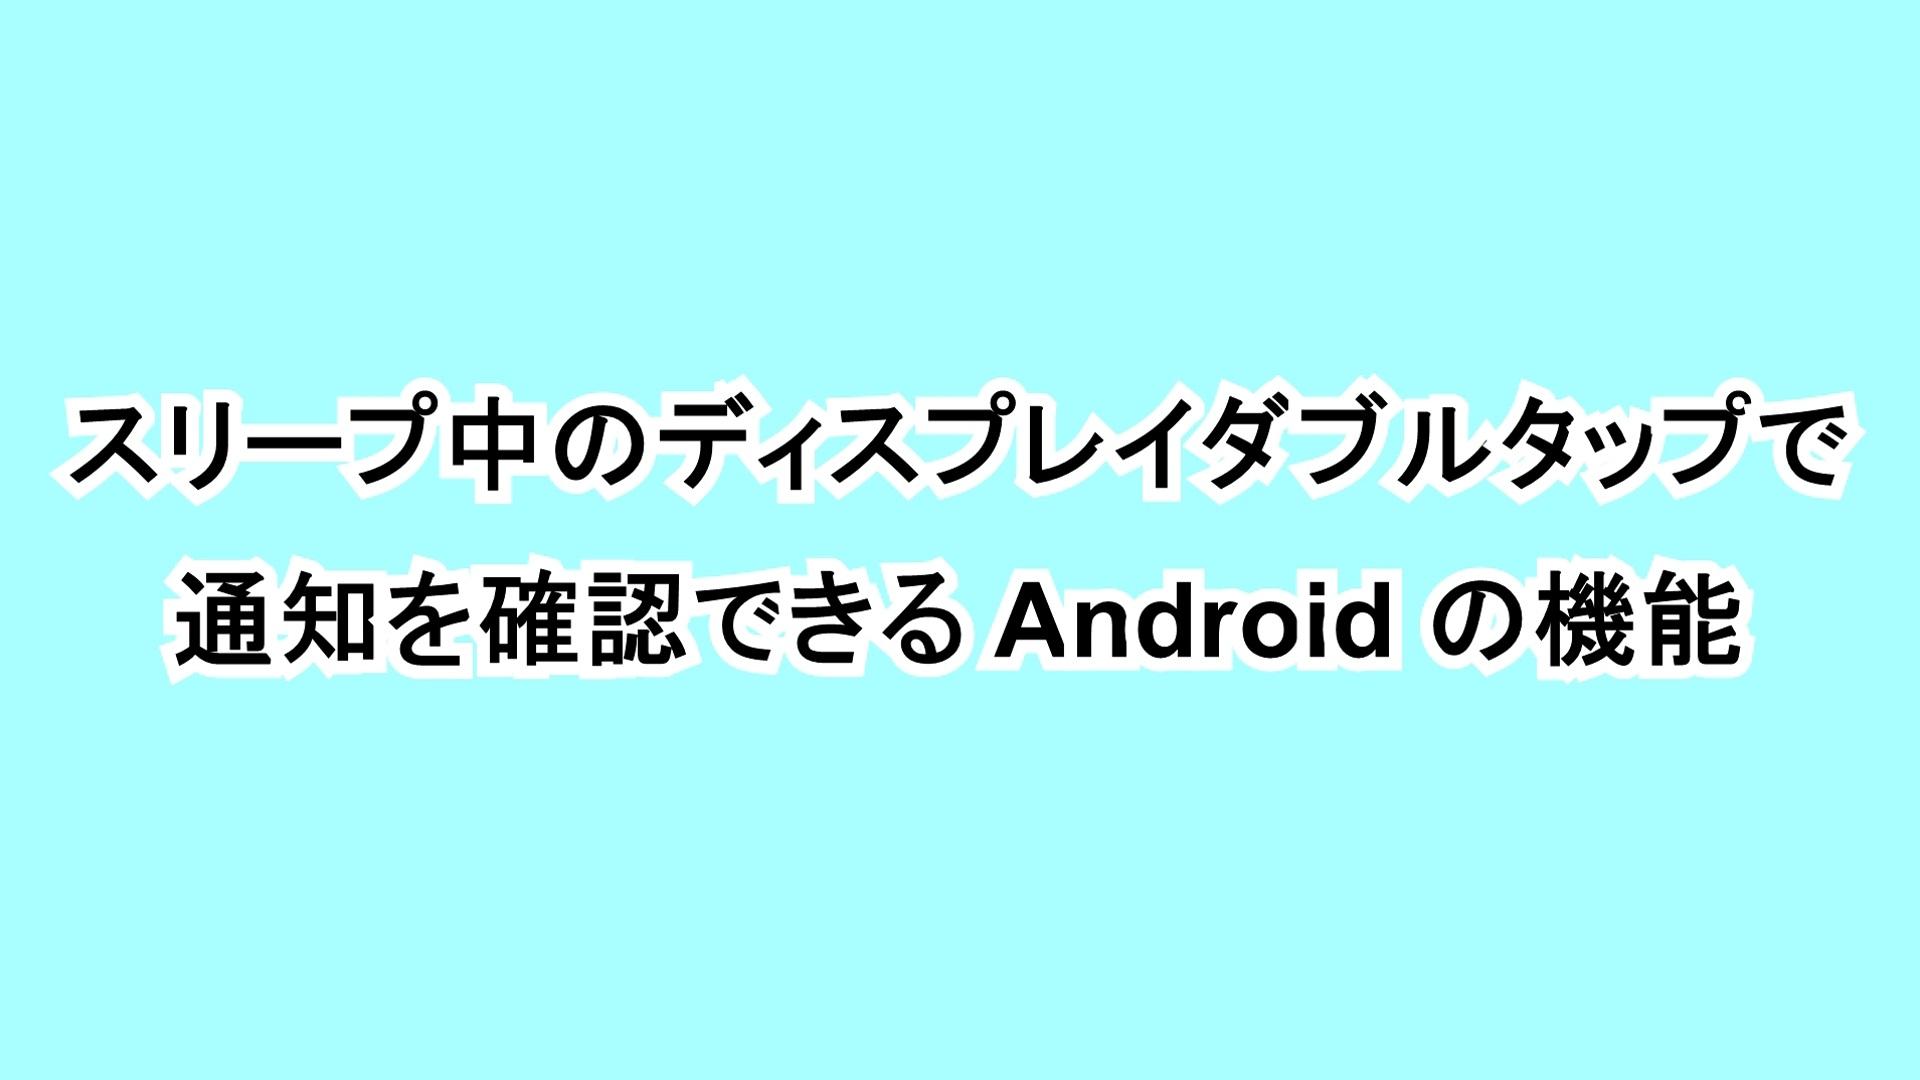 スリープ中のディスプレイダブルタップで通知を確認できるAndroidの機能